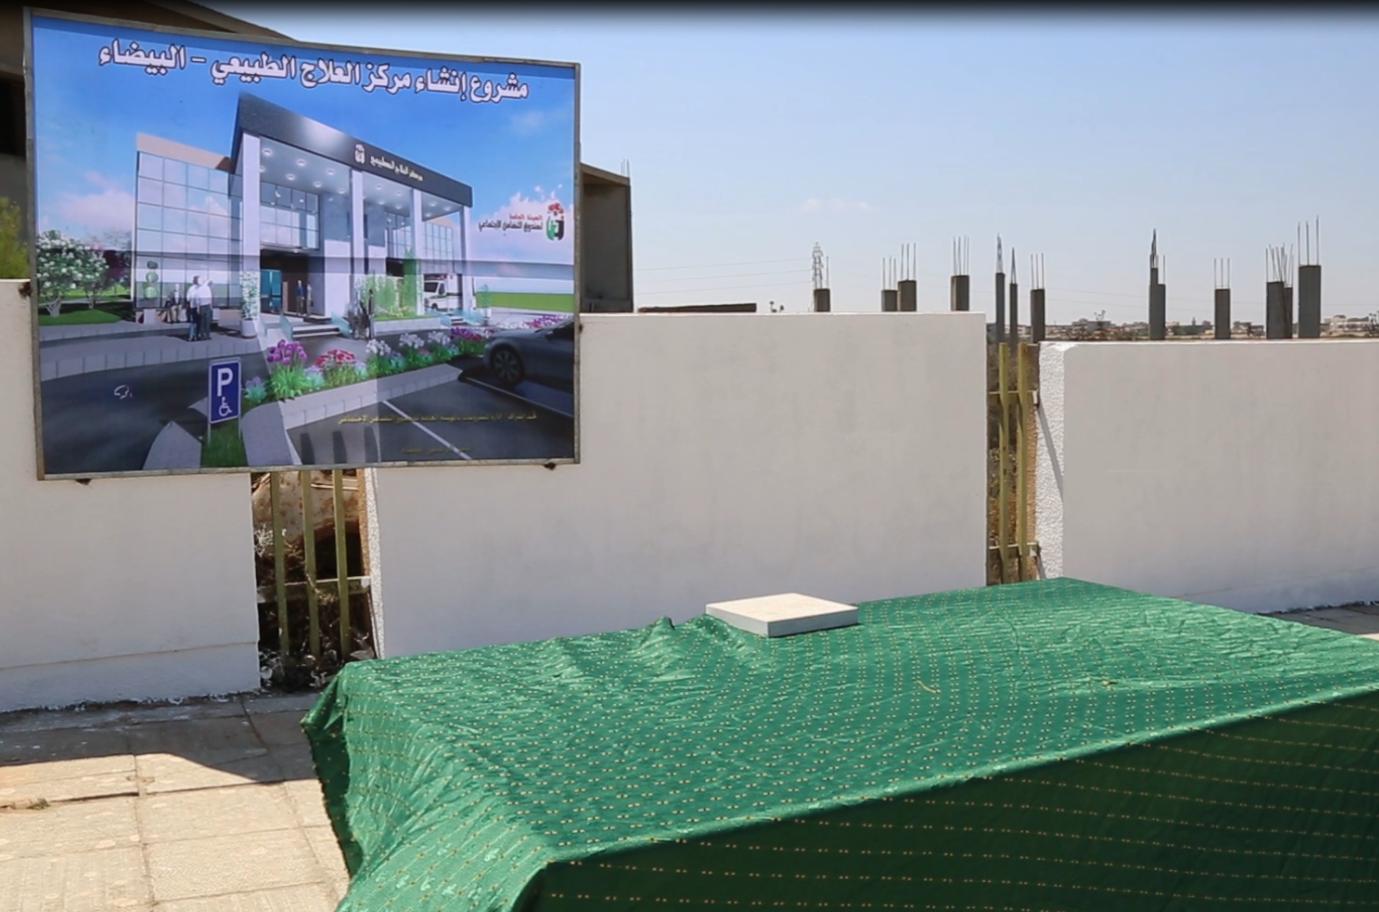 بلدية البيضاء تشرع في إنشاء مركز للعلاج الطبيعي